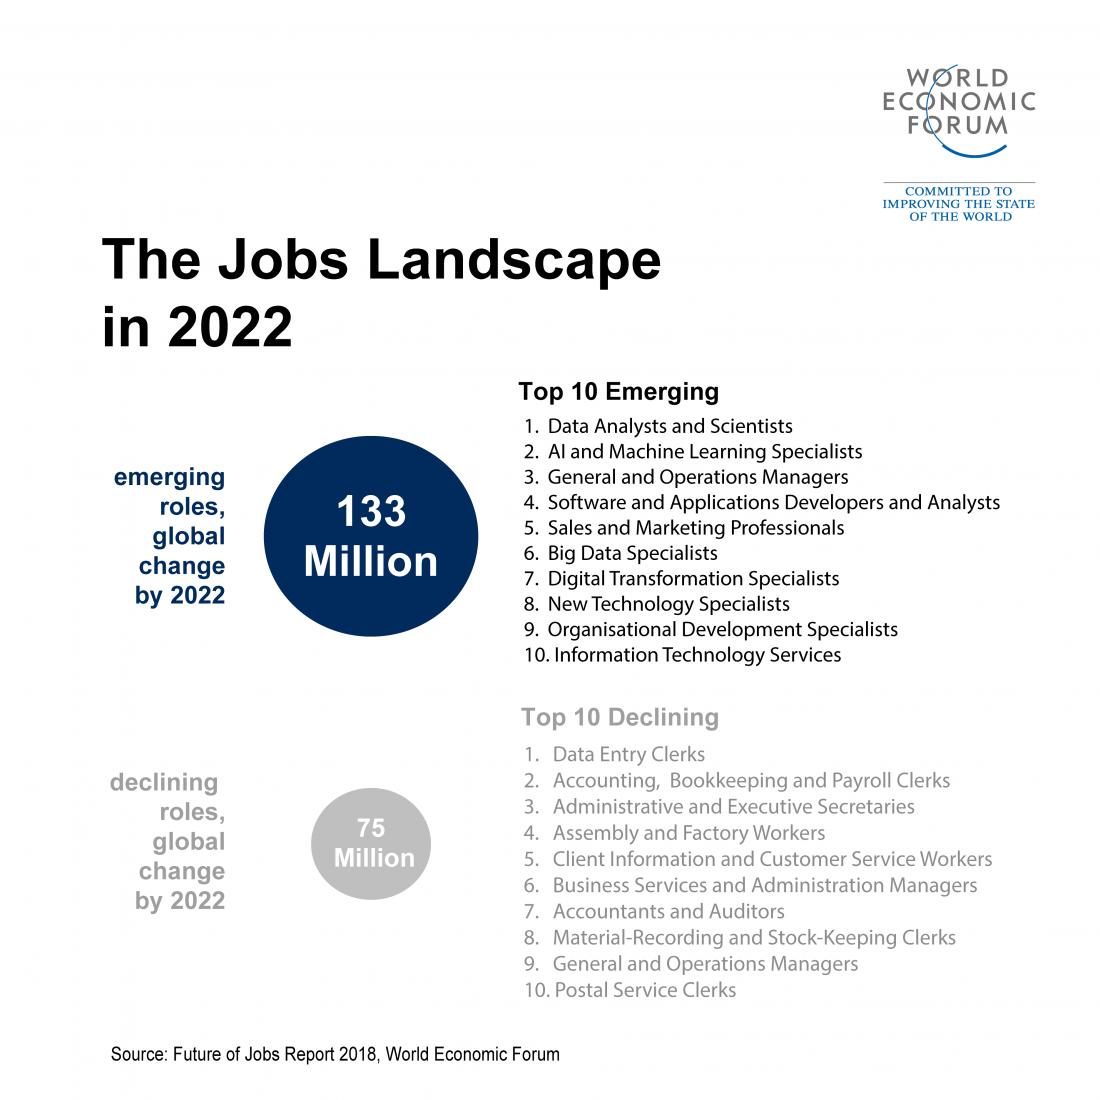 17660_Jobs%20Landscape_1440x810.png